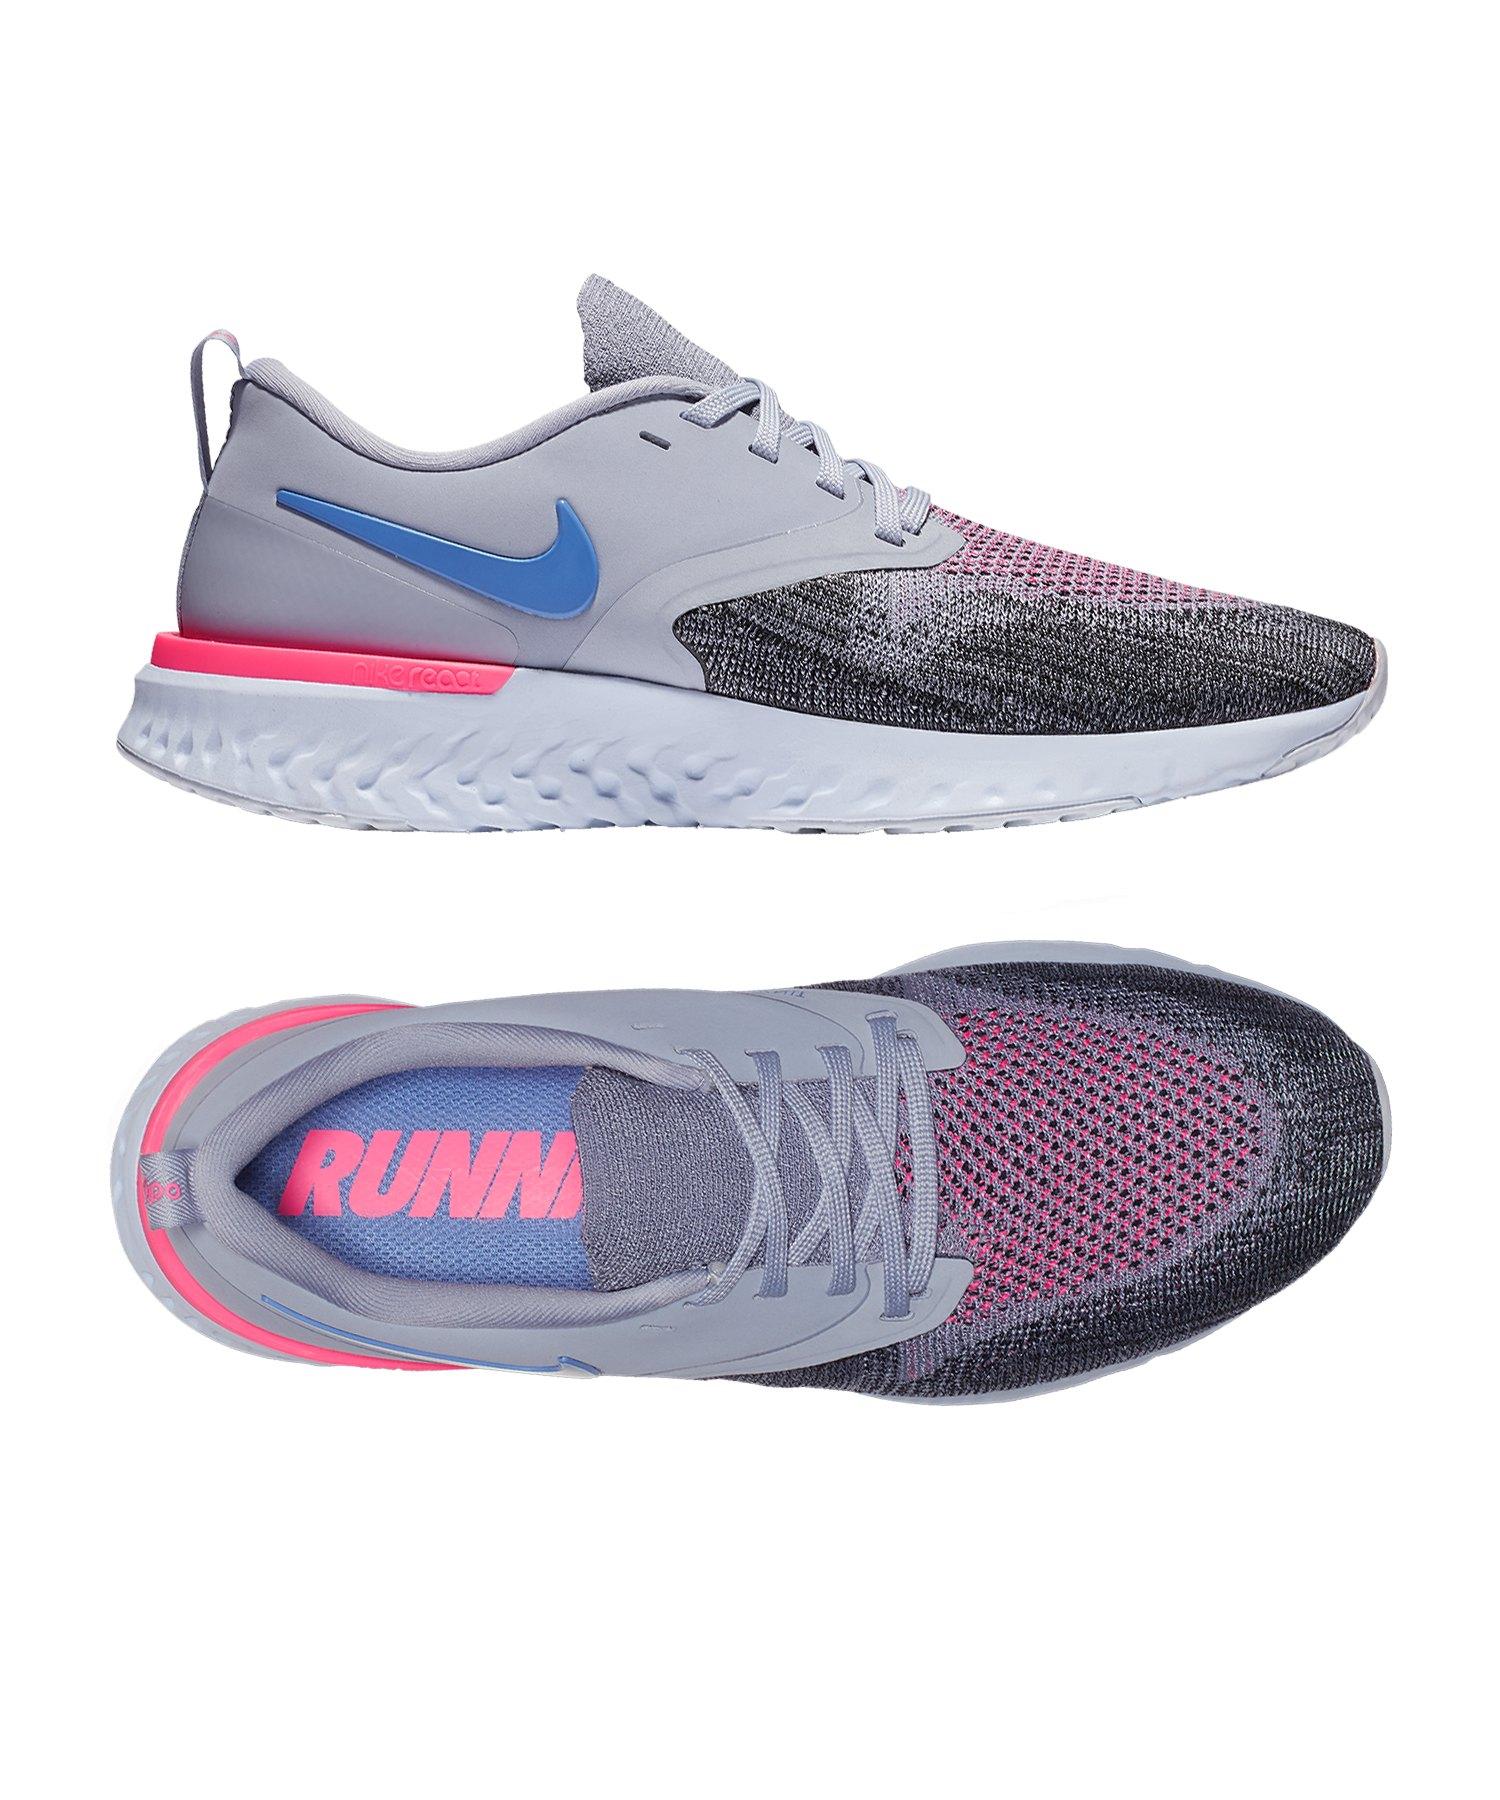 Odyssey Damen Nike Running 5rjl4q3a F500 2 Flyknit React YEDH9eW2I